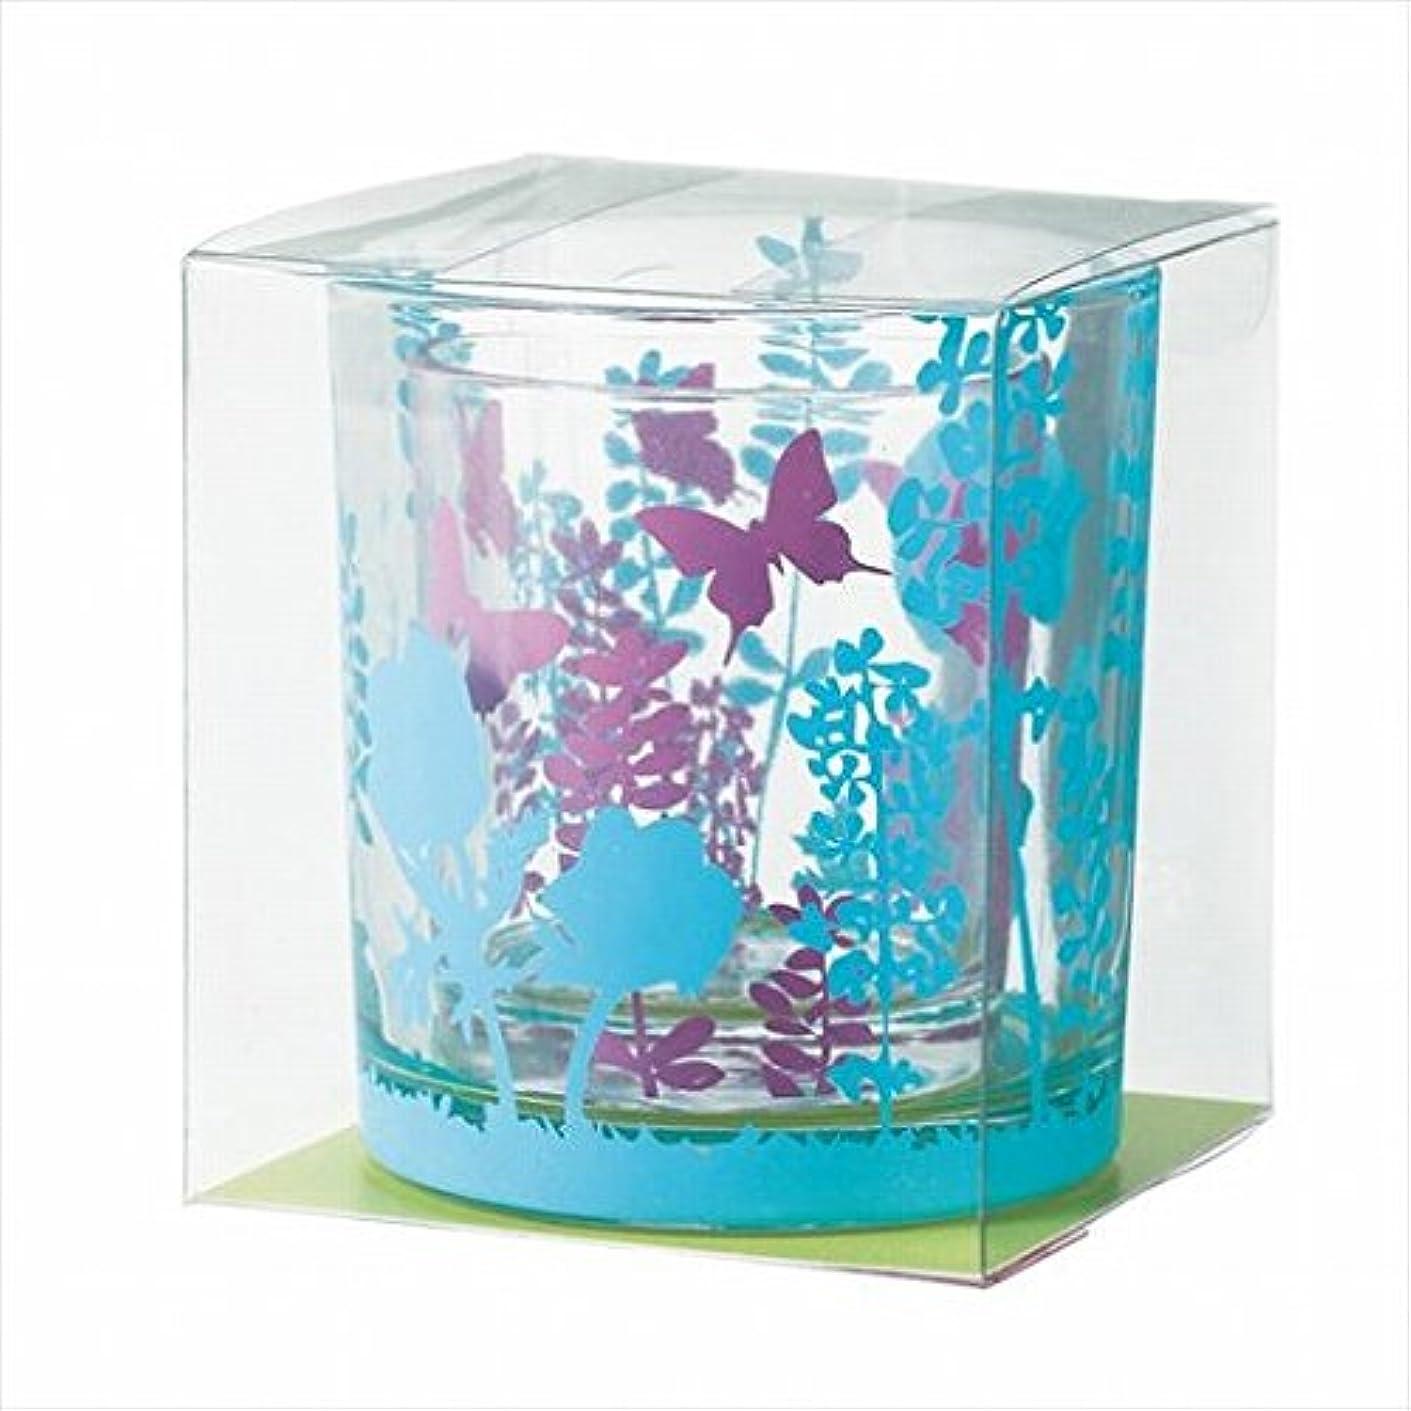 負荷手つかずの一目カメヤマキャンドル(kameyama candle) ブルーミングデュエットグラス 「 クールカラー 」